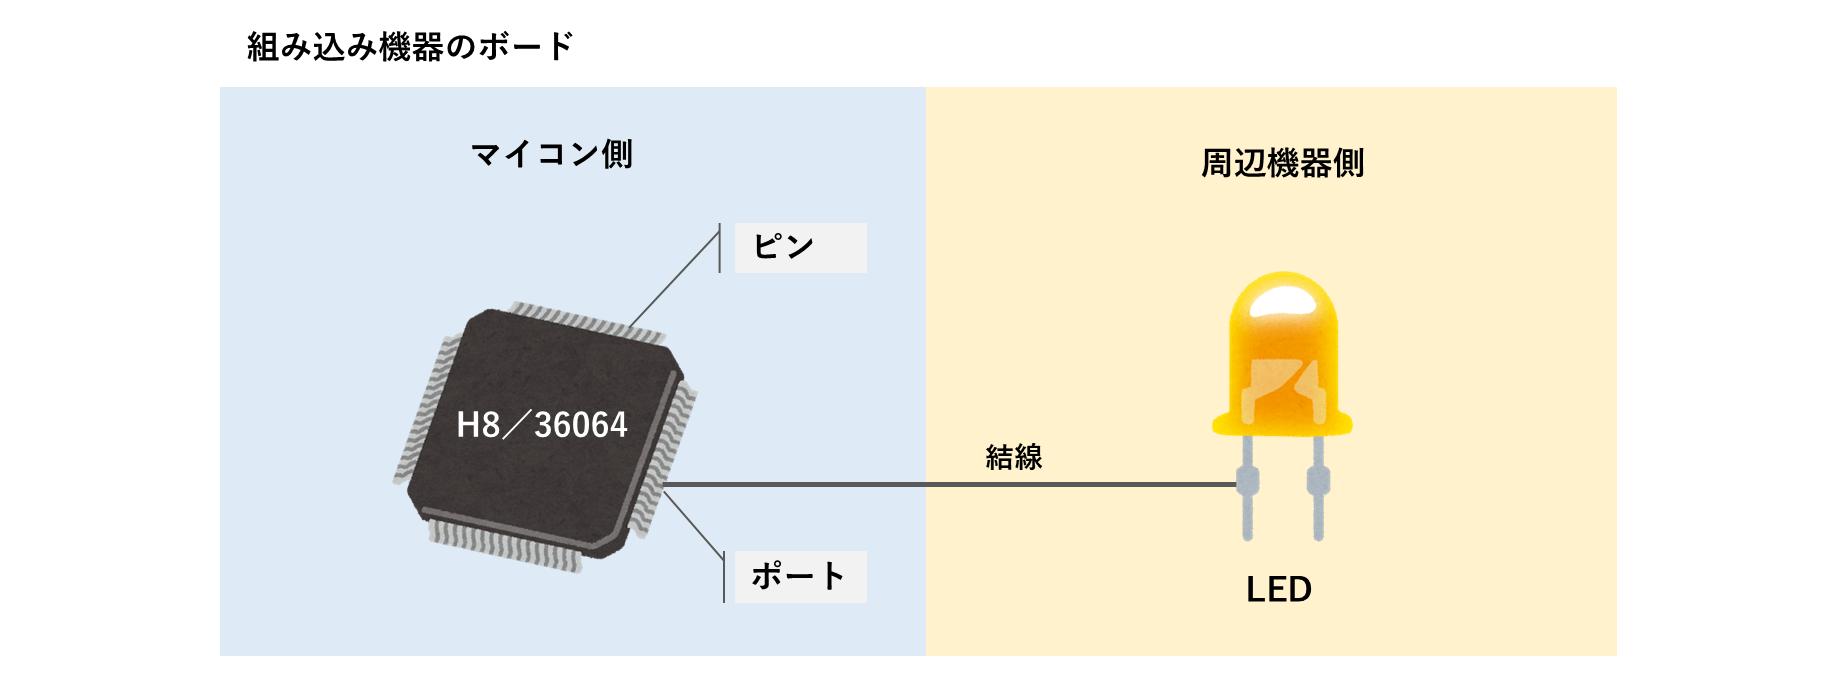 マイコンと周辺機器の接続